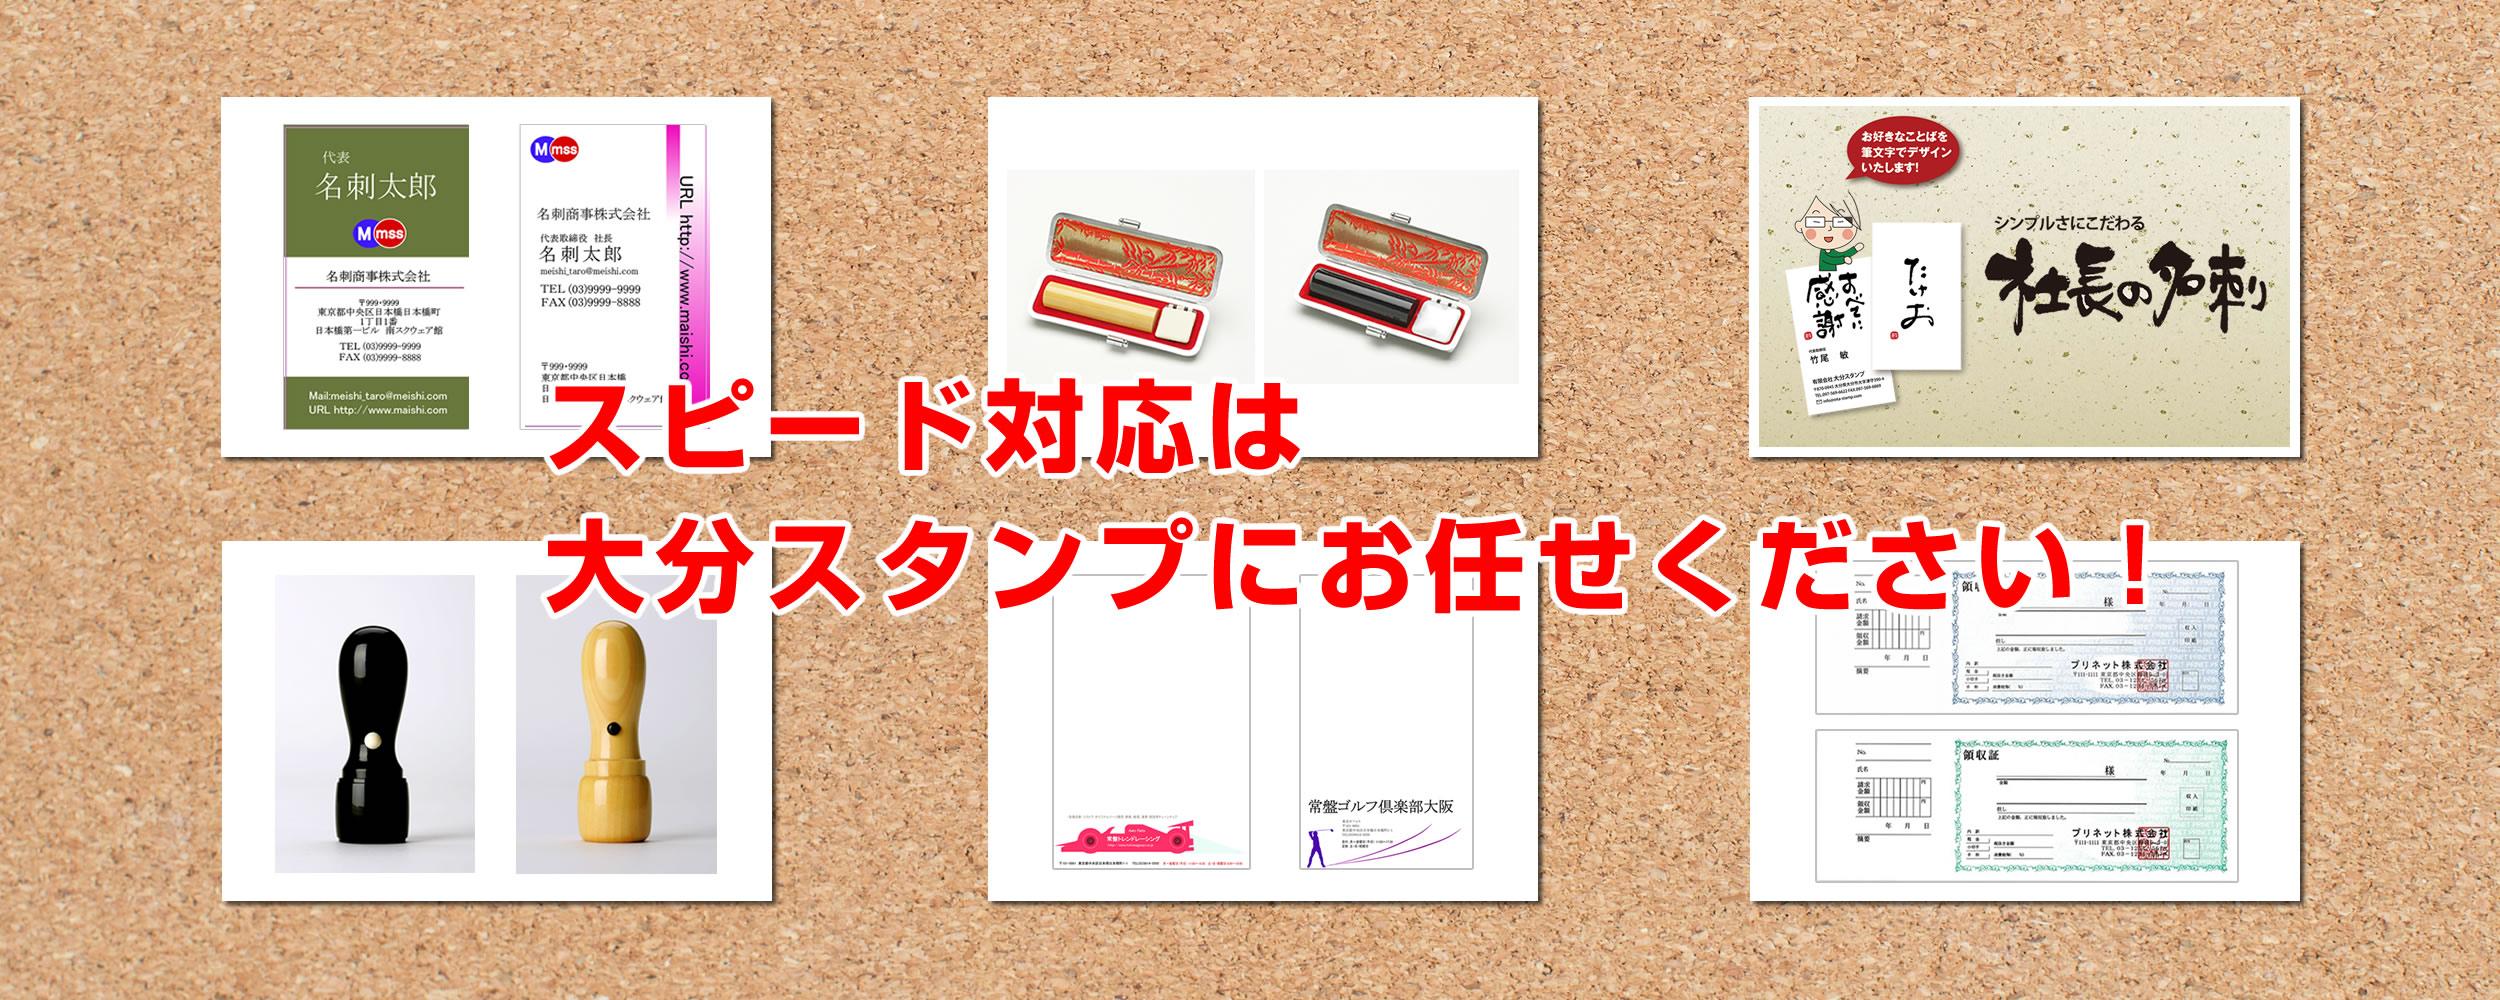 印鑑・ゴム印・名刺・封筒 早い納期対応致します。